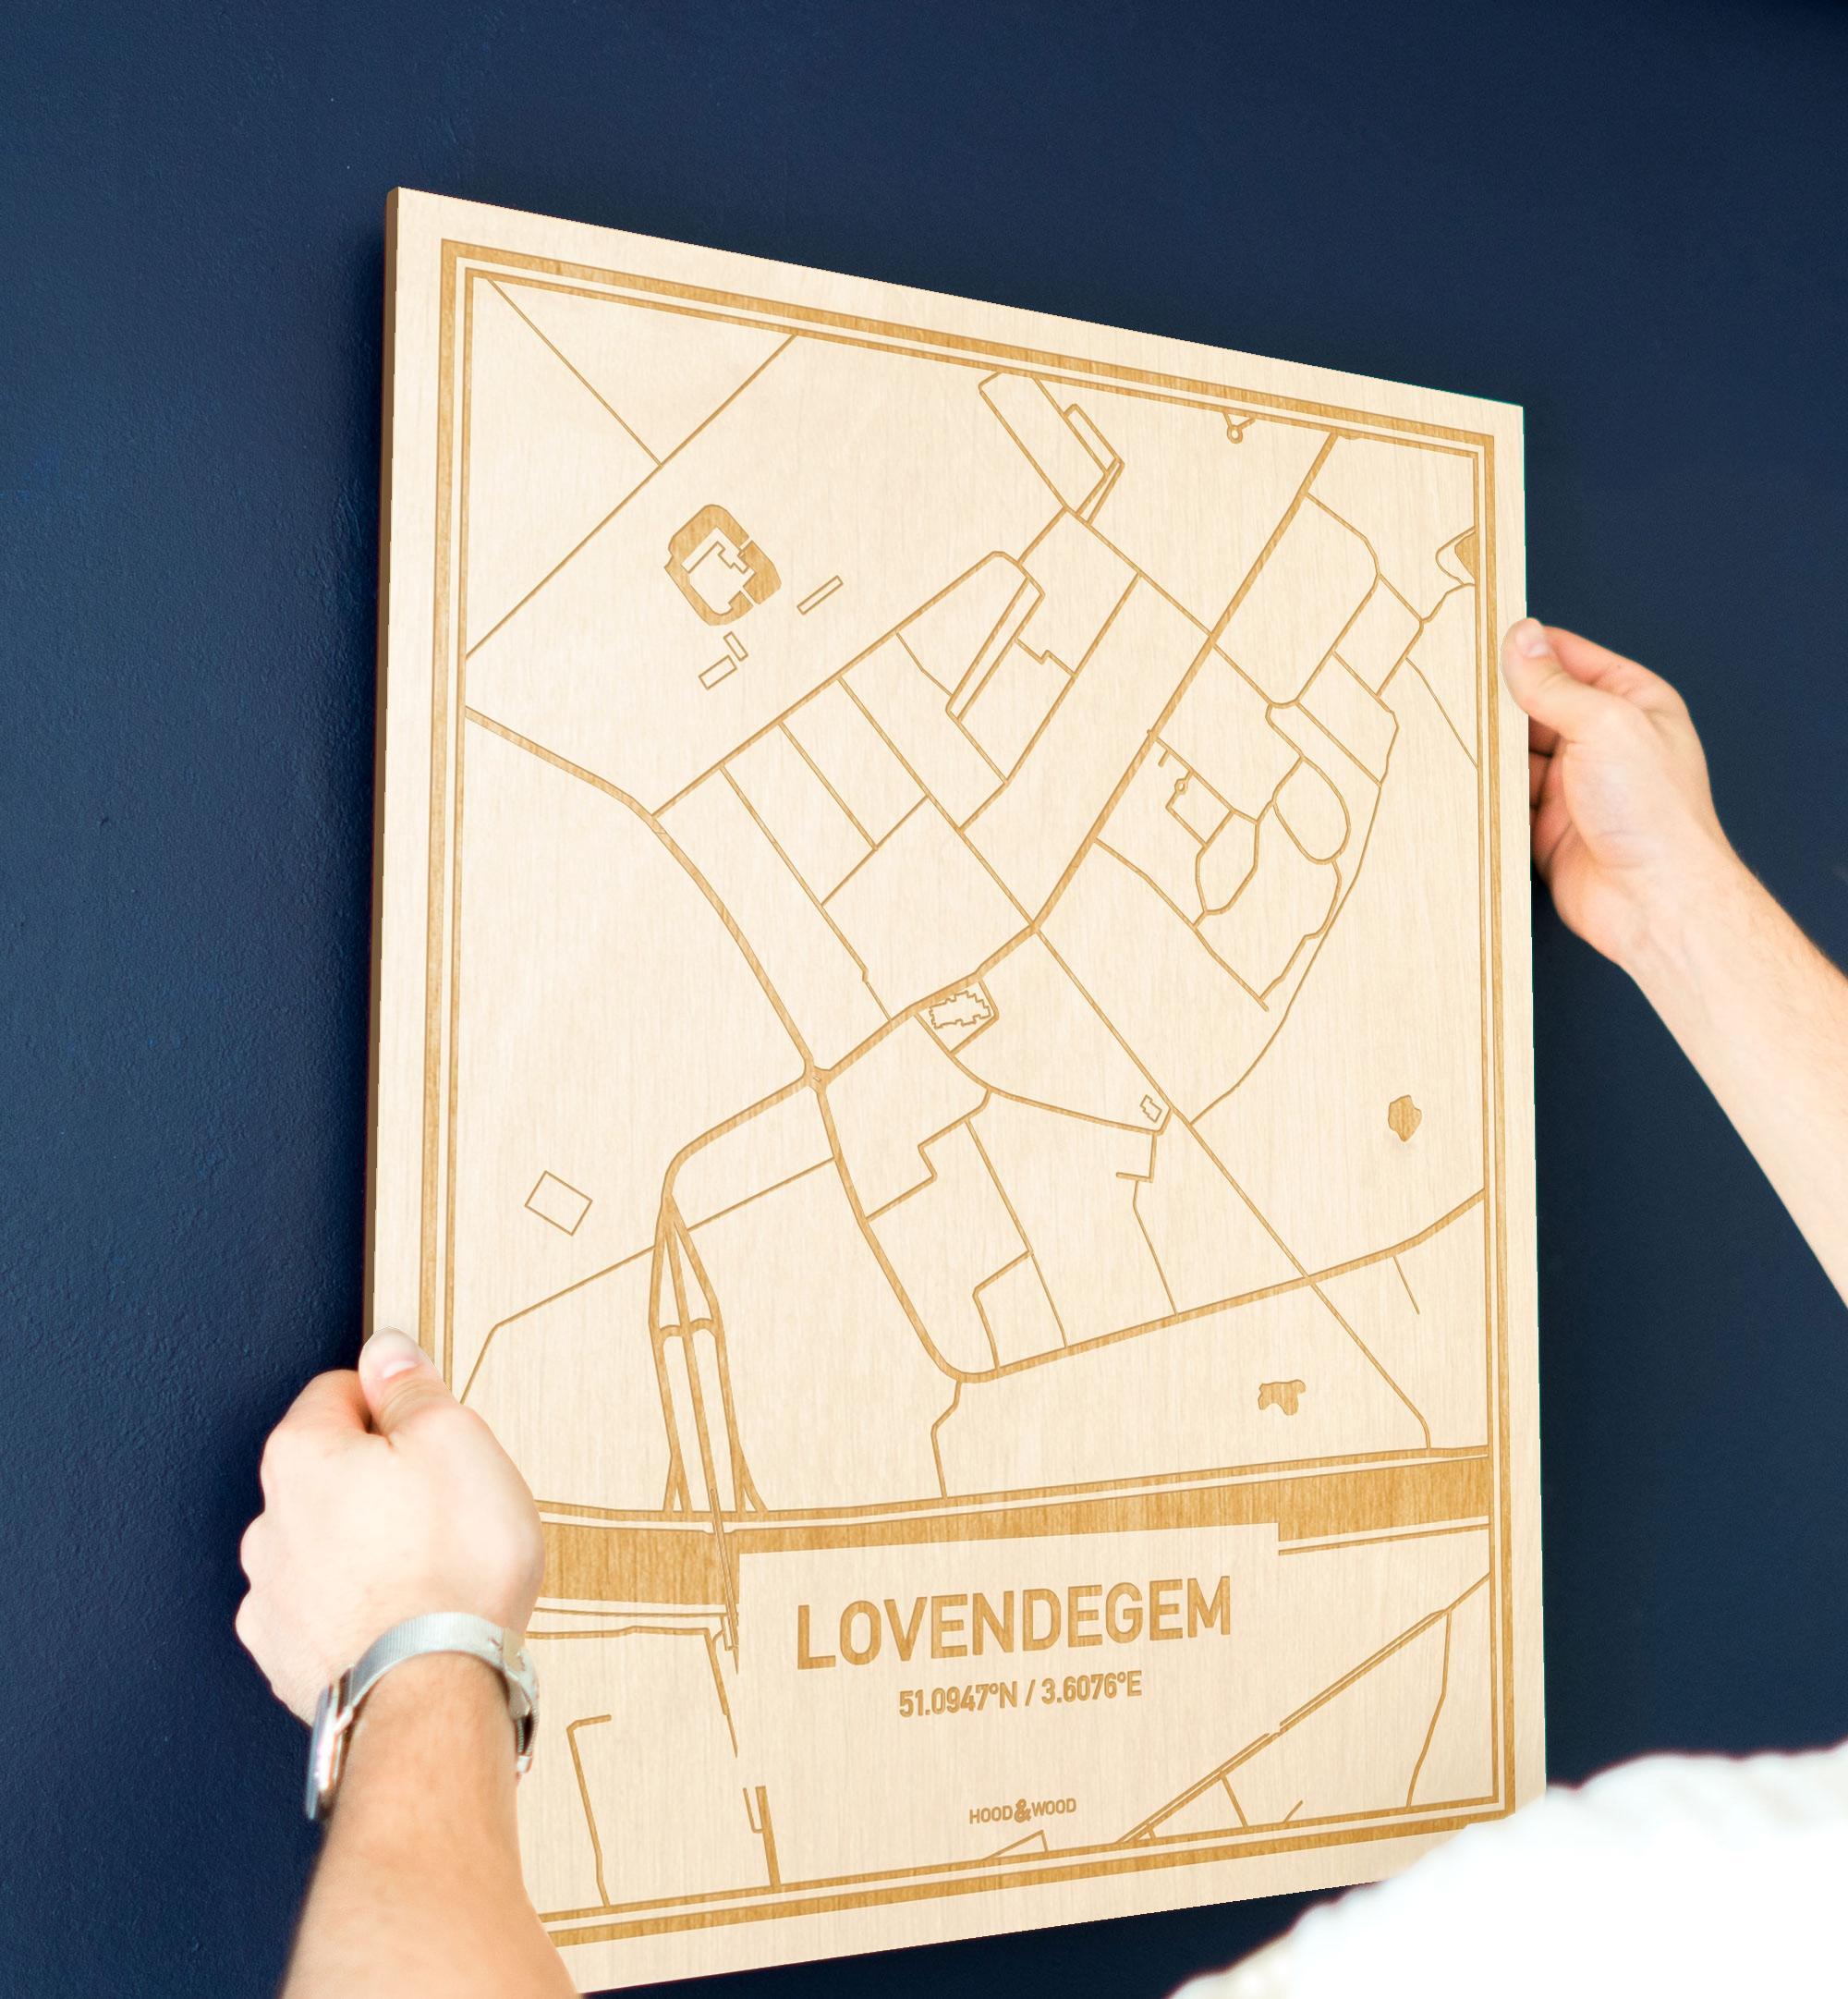 Een man hangt de houten plattegrond Lovendegem aan zijn blauwe muur ter decoratie. Je ziet alleen zijn handen de kaart van deze originele in Oost-Vlaanderen  vasthouden.